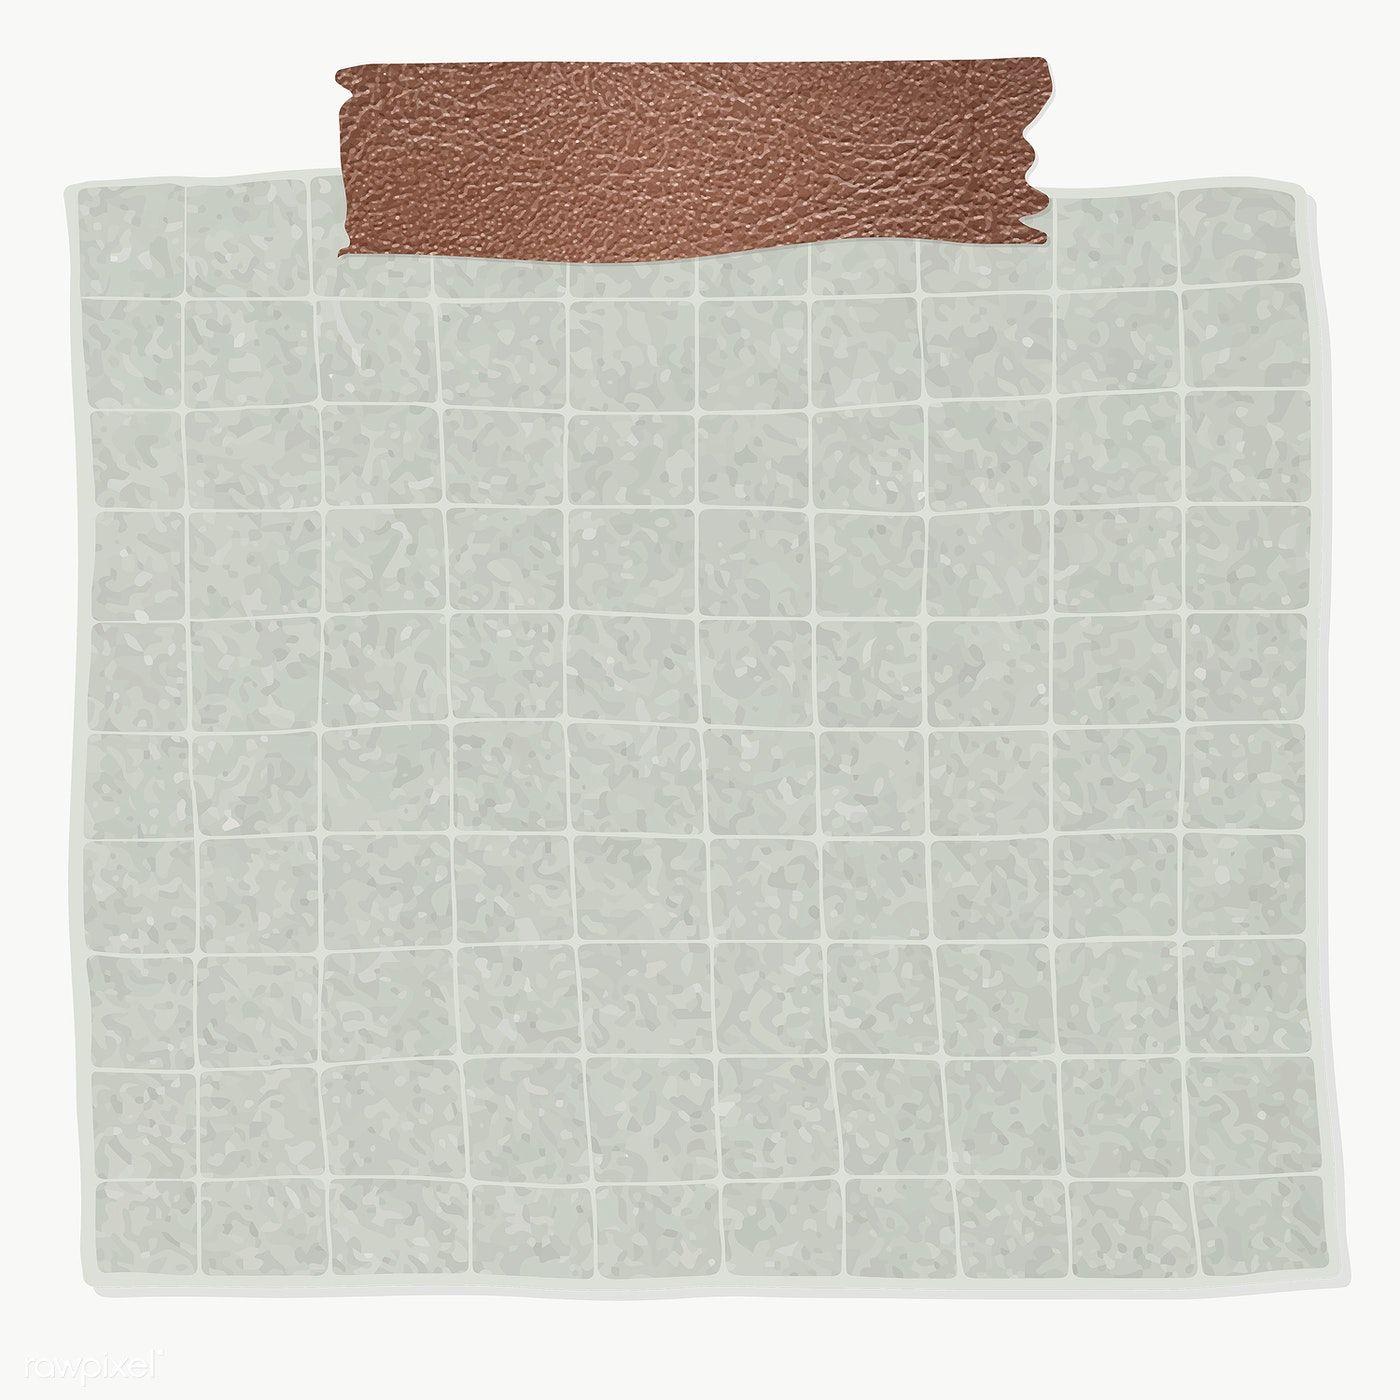 Blank Green Paper Note Transparent Png Premium Image By Rawpixel Com Sasi Gambar Mawar Papan Warna Perencanaan